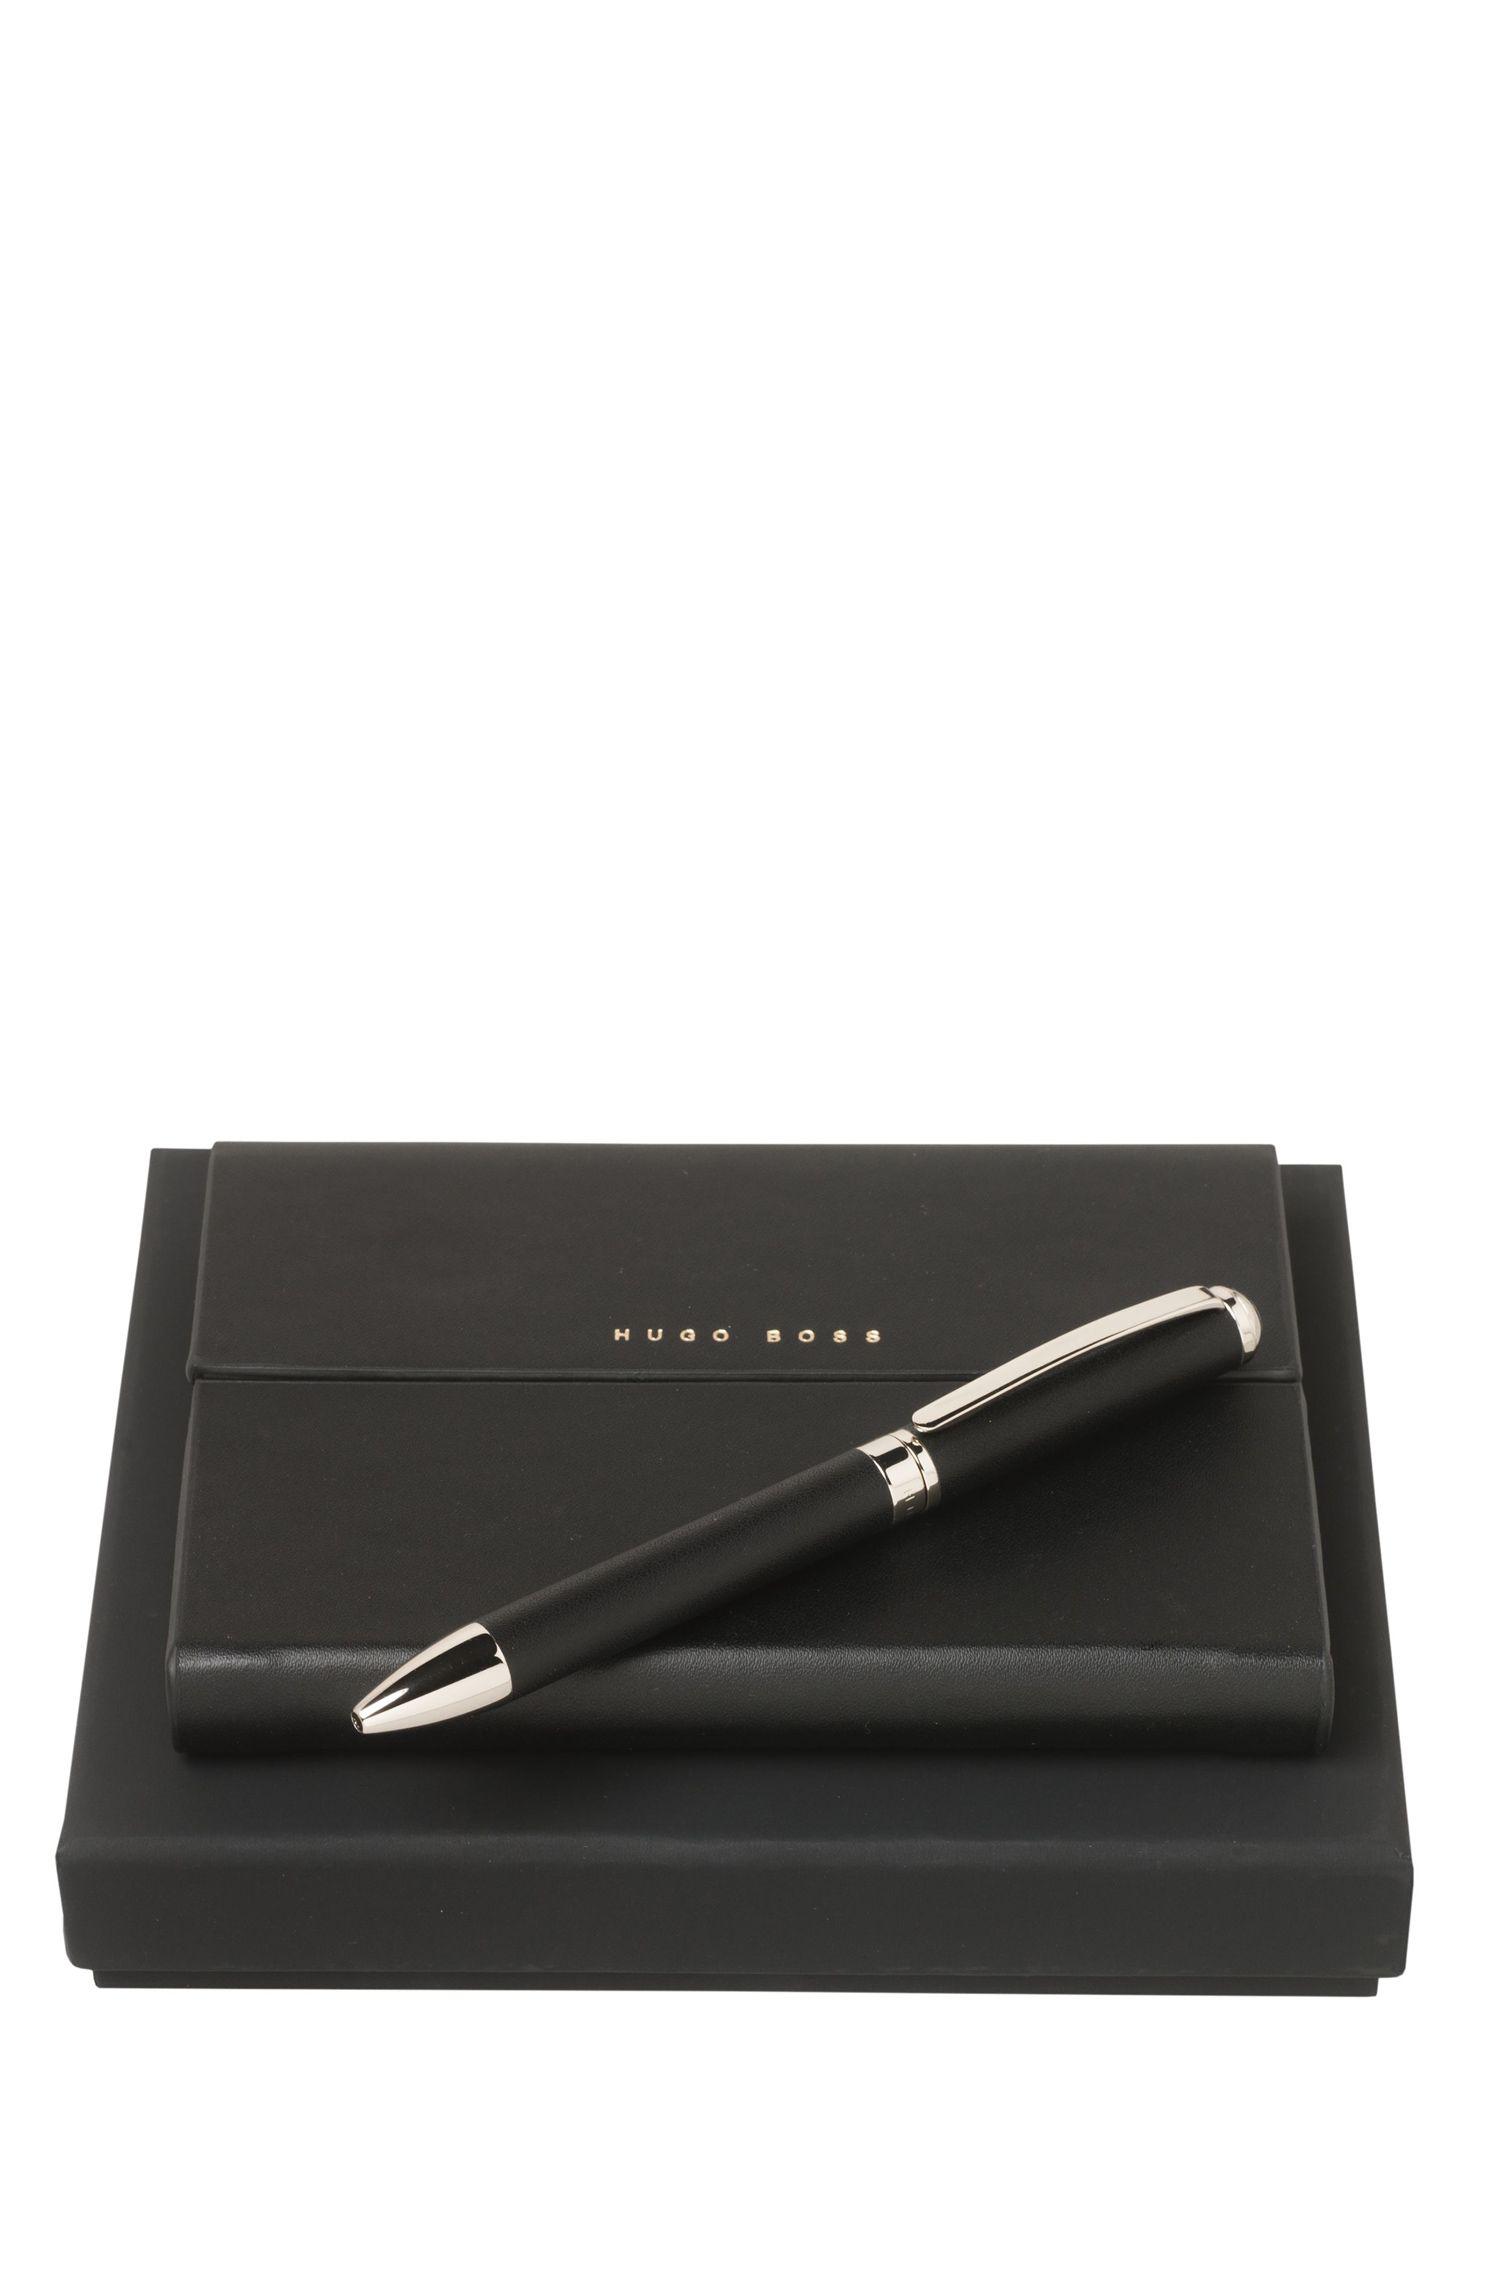 Verse Ballpoint Pen & Notebook Set | HPBM606A